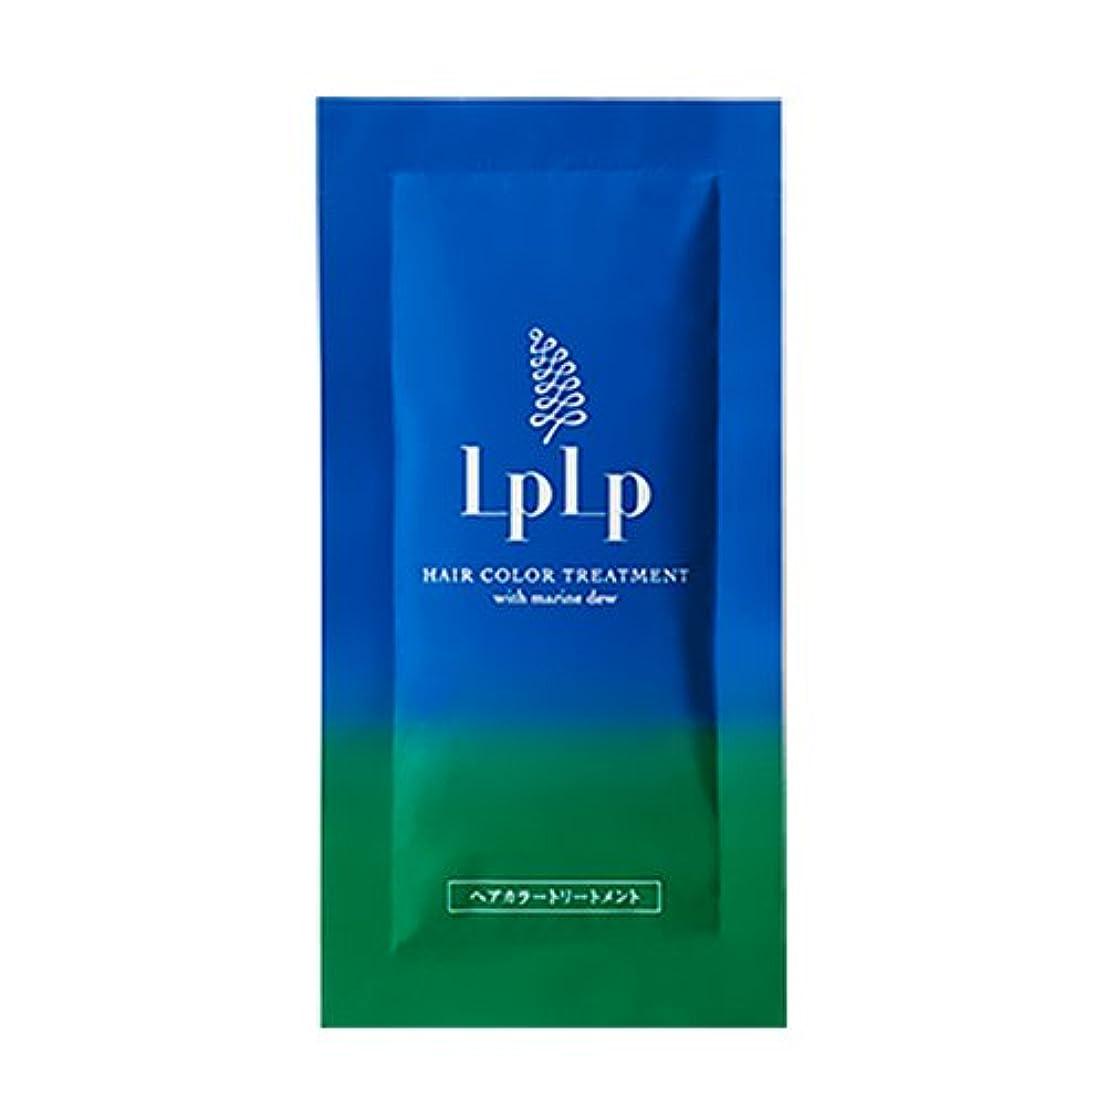 チョコレート自体反論者LPLP(ルプルプ)ヘアカラートリートメントお試しパウチ ソフトブラック